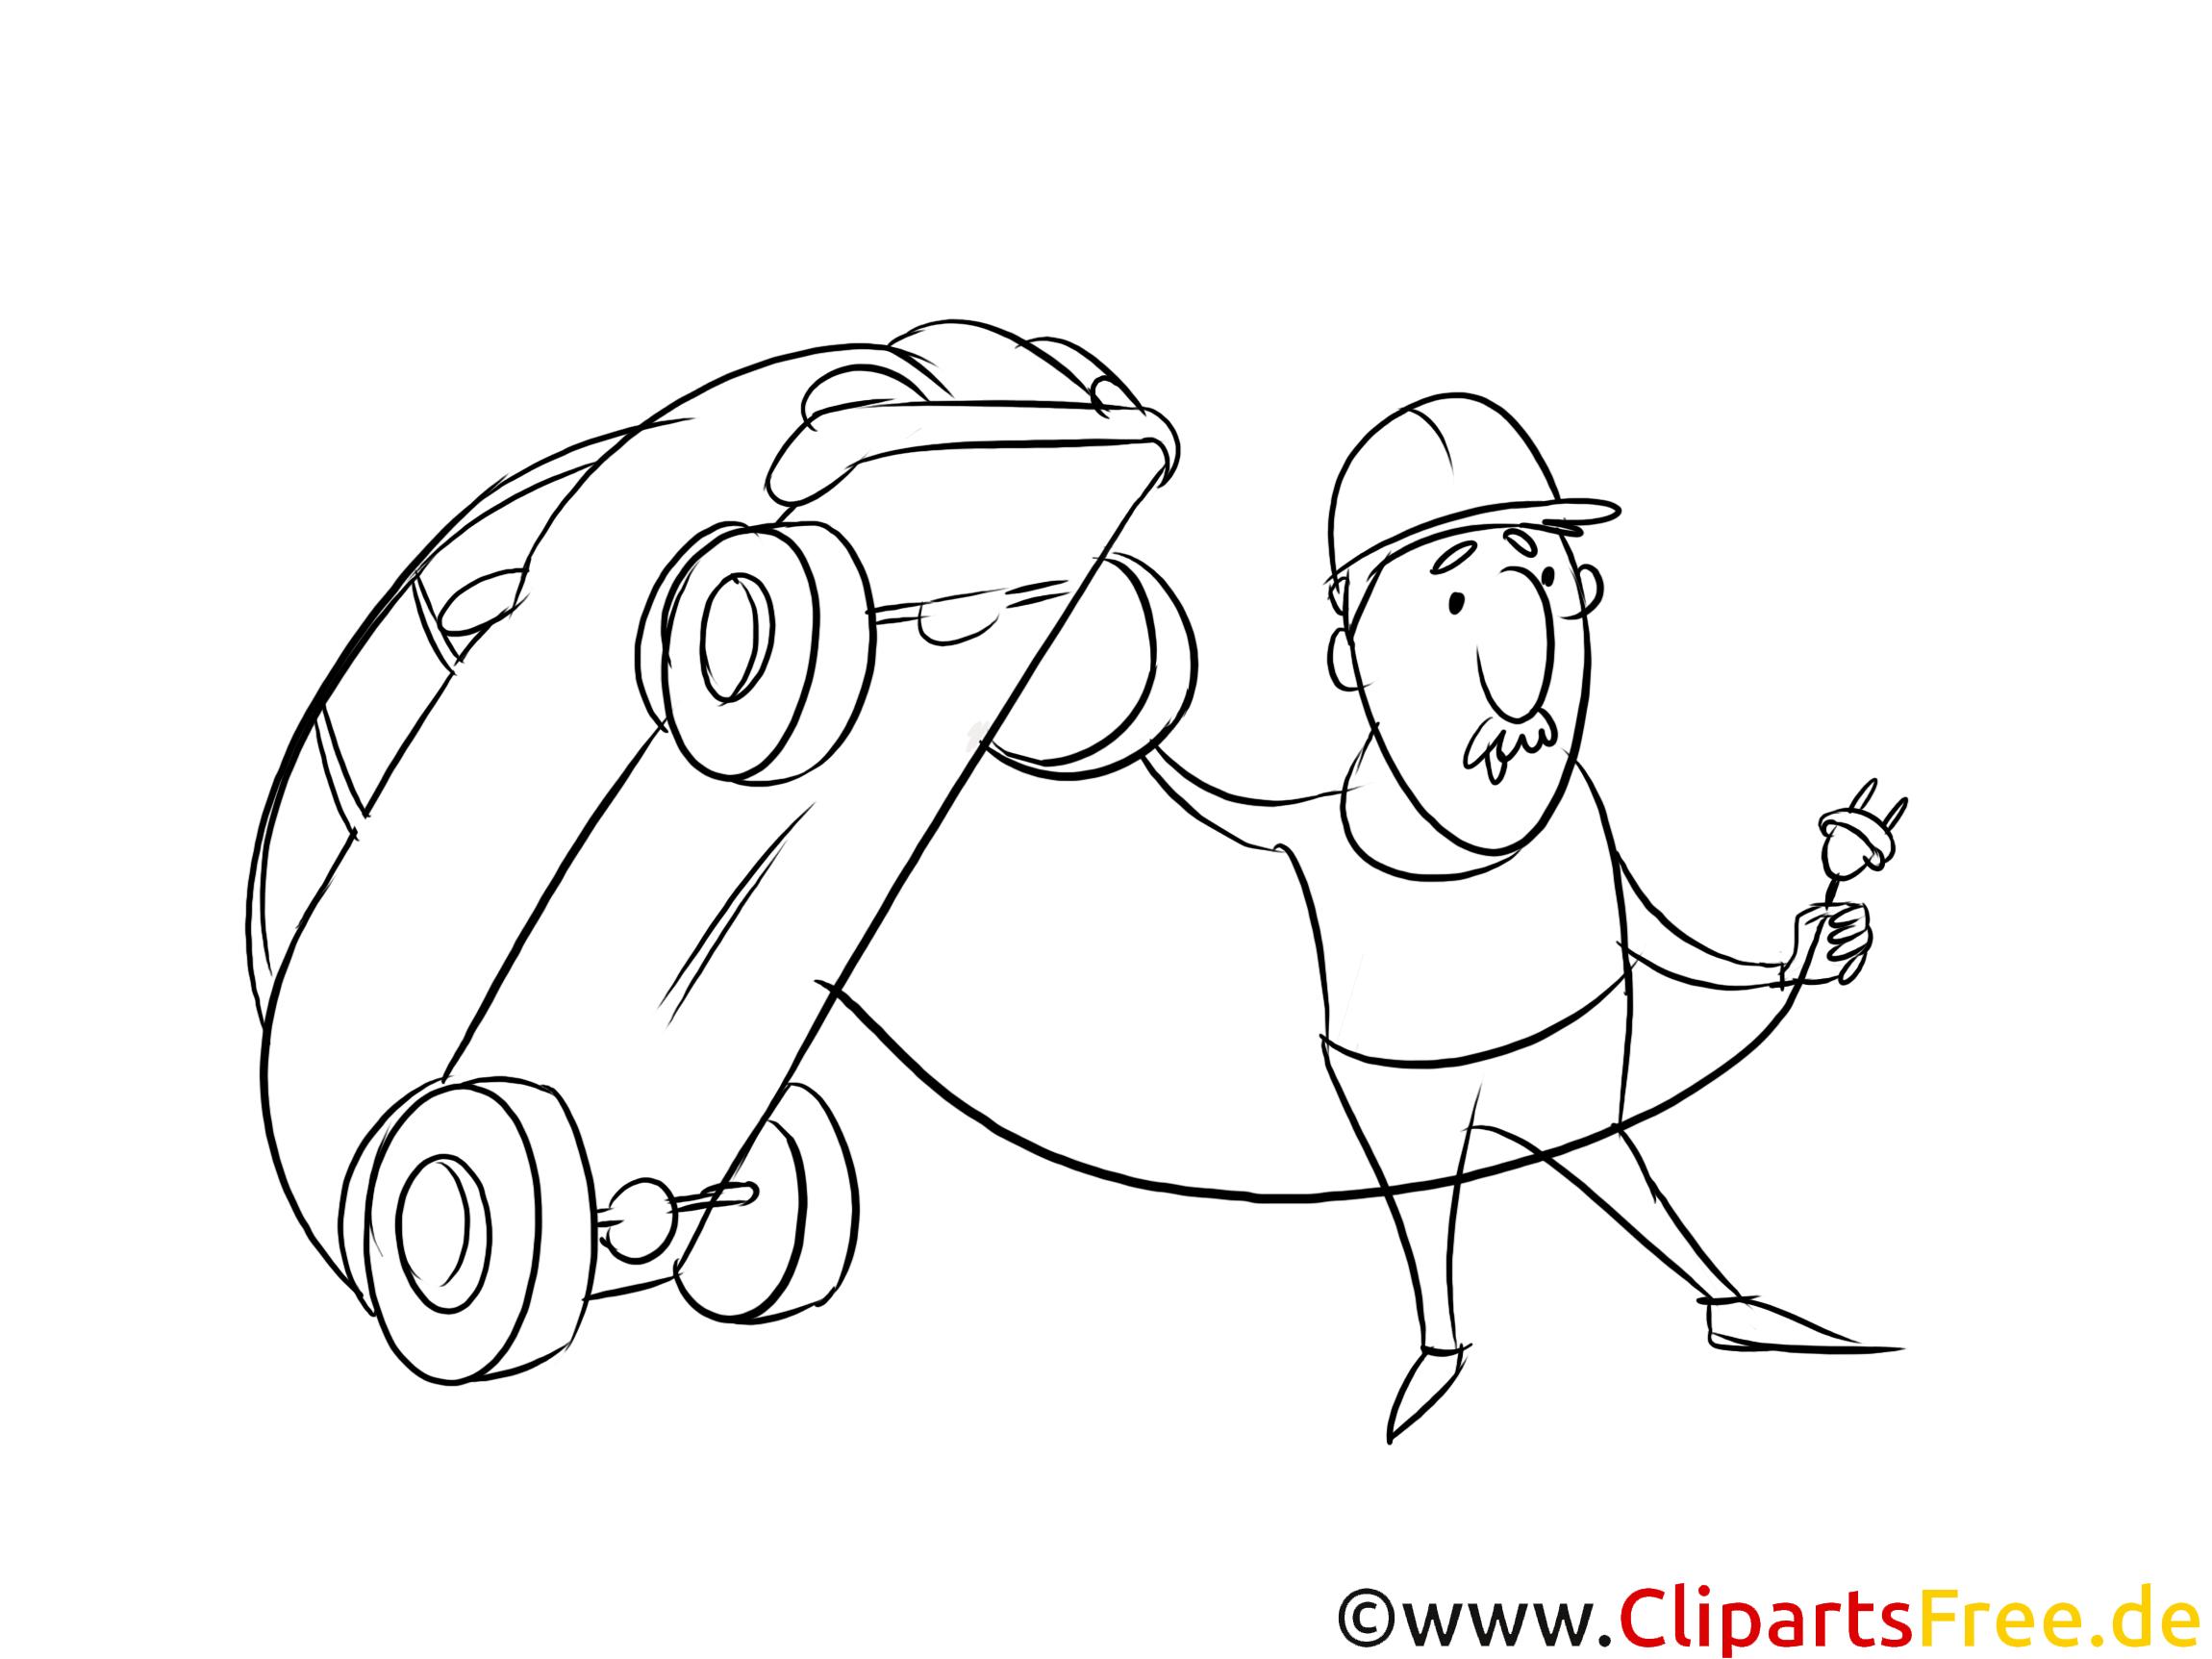 Wo findet man eine Ladestation für Elektroautos Clipart schwarz weiß